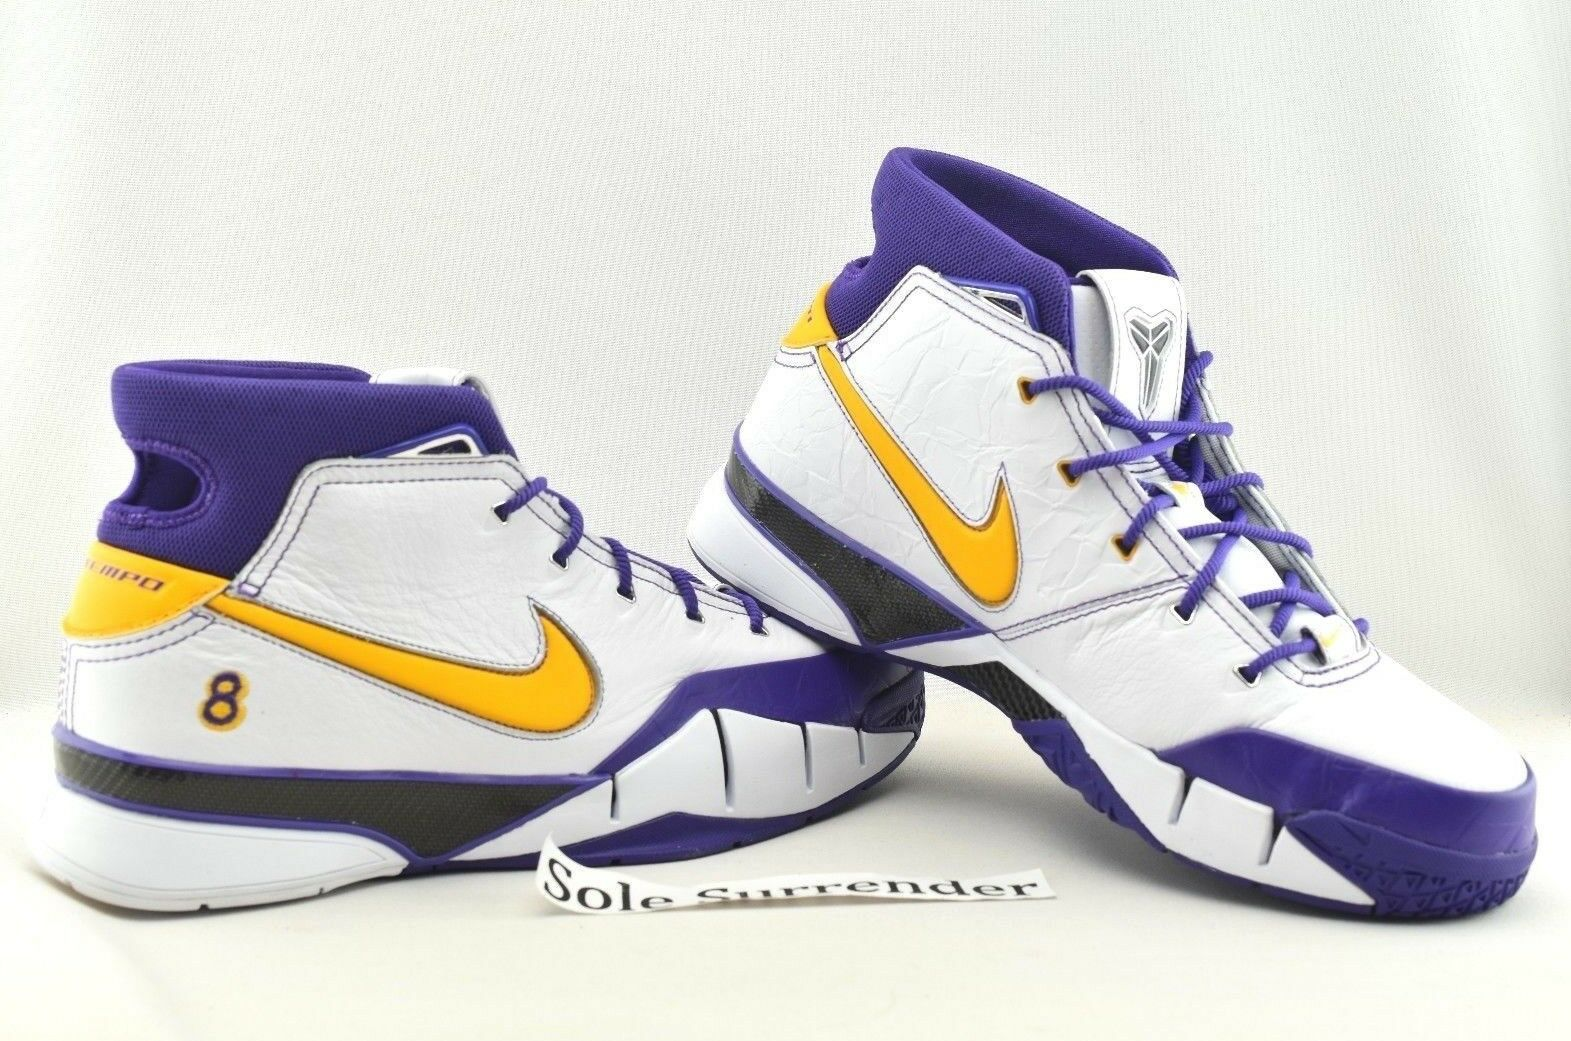 Nike Kobe 1 protro cerrar finales Elige tamaño aq2728-101 segundos finales cerrar Morado Oro Special limited time 5bba2d